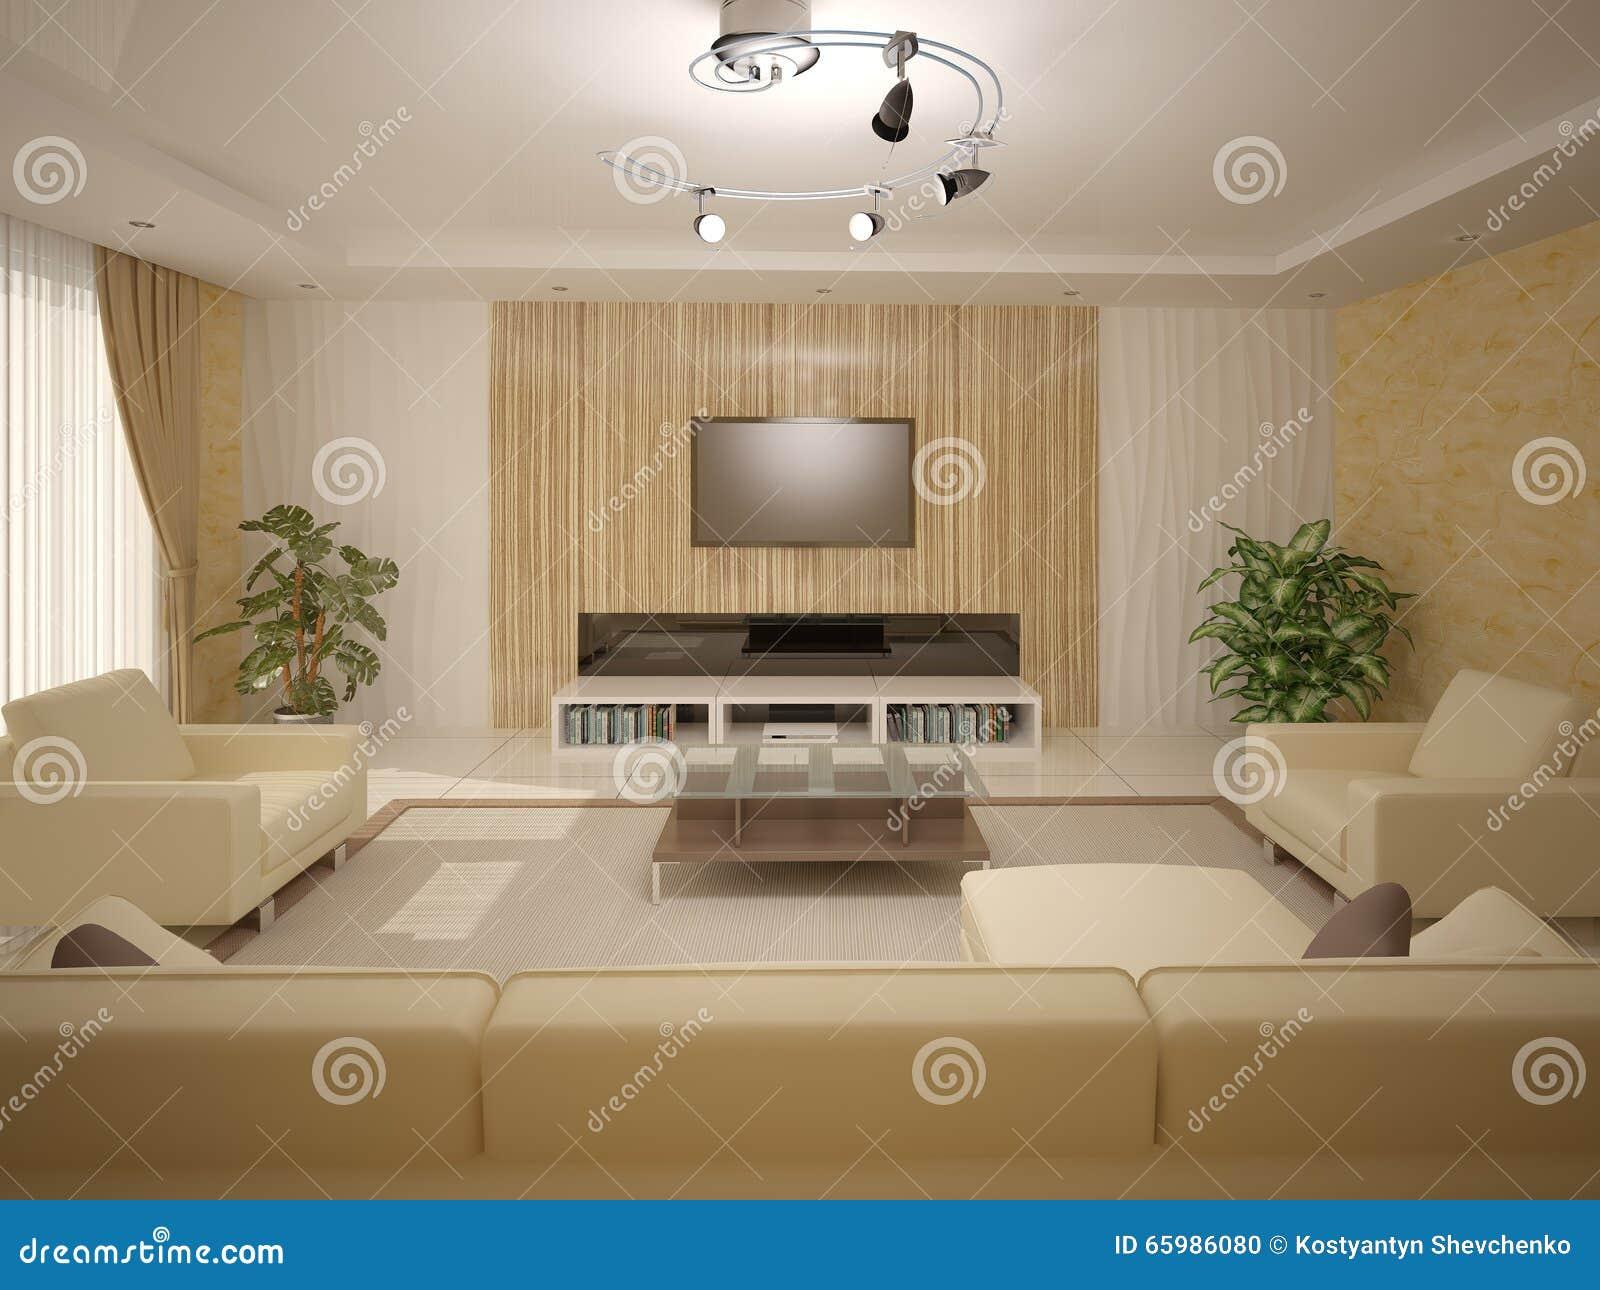 Interer living room with light furniture